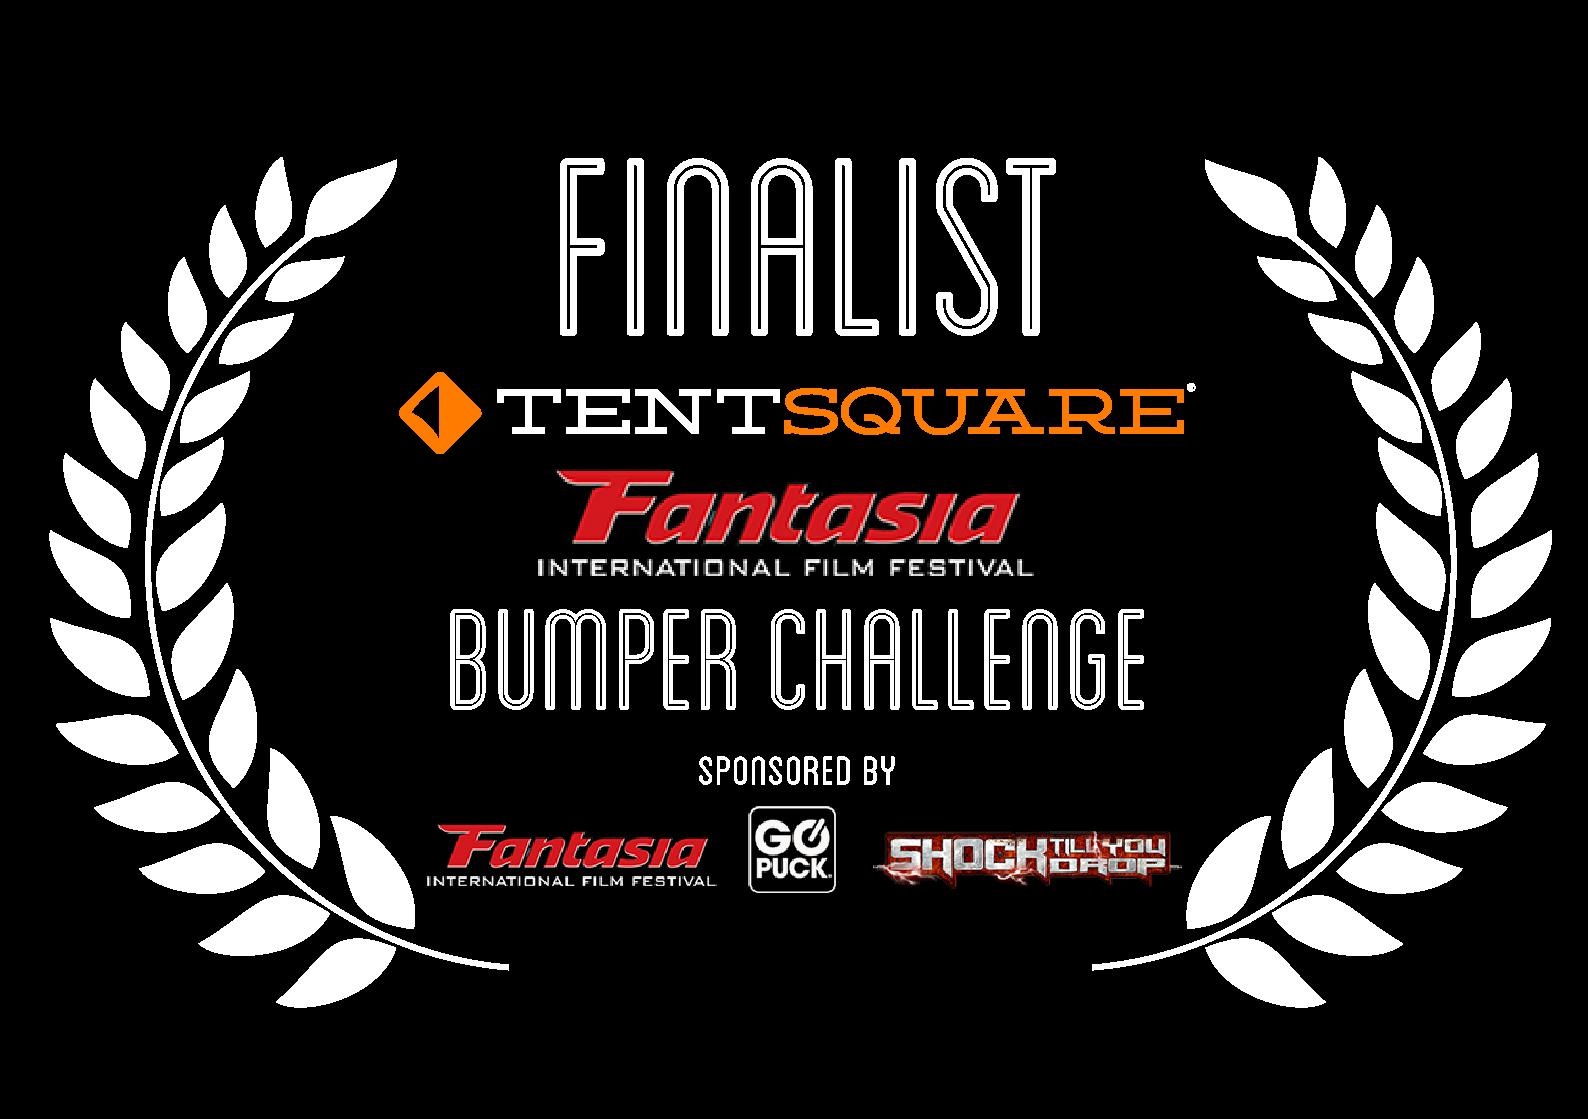 TSQ_Finalist-BumperChallenge-Black.jpg